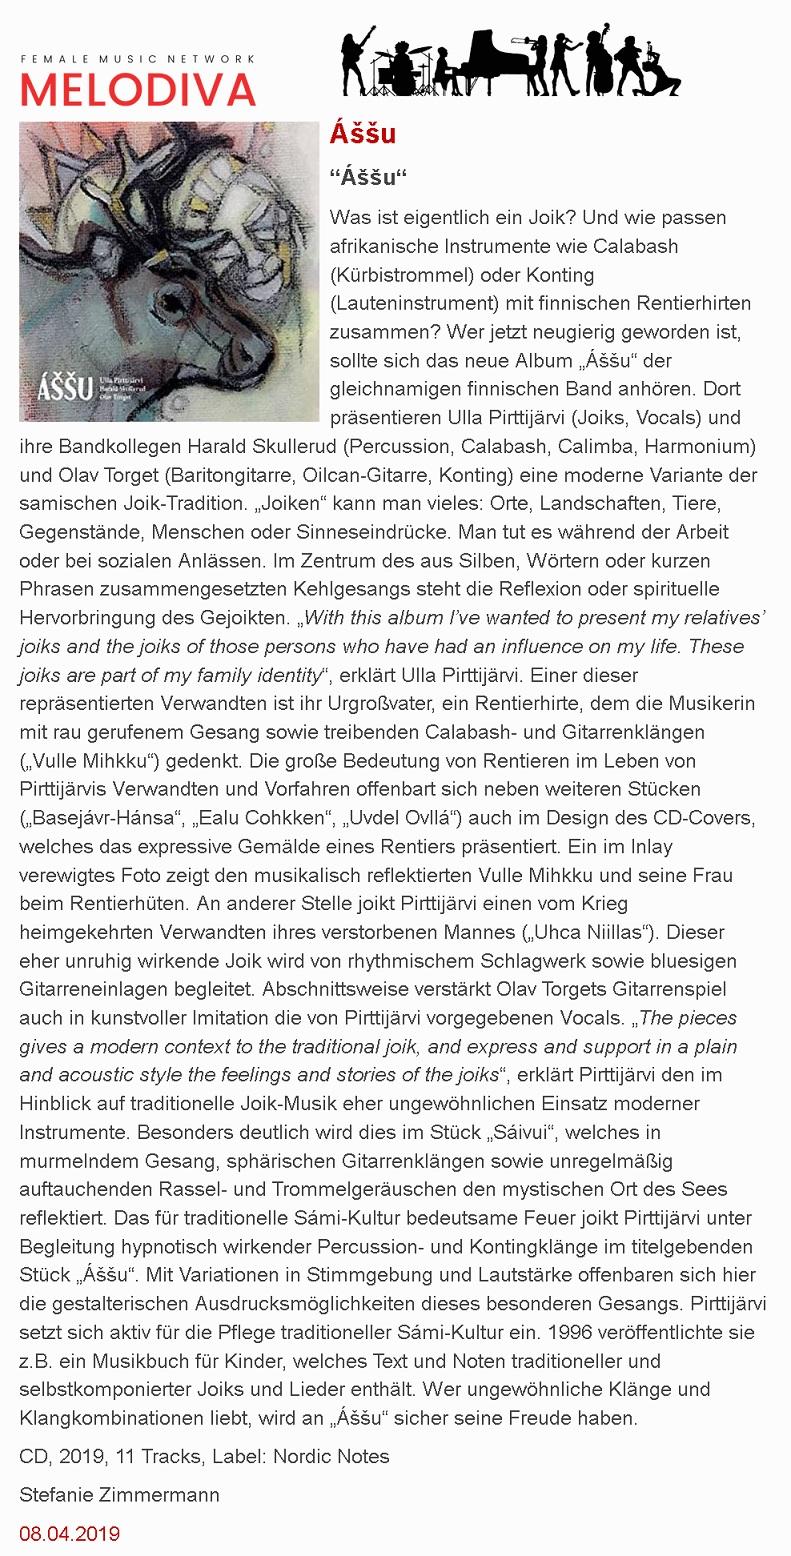 Melodiva (Germany), 8.4.2019